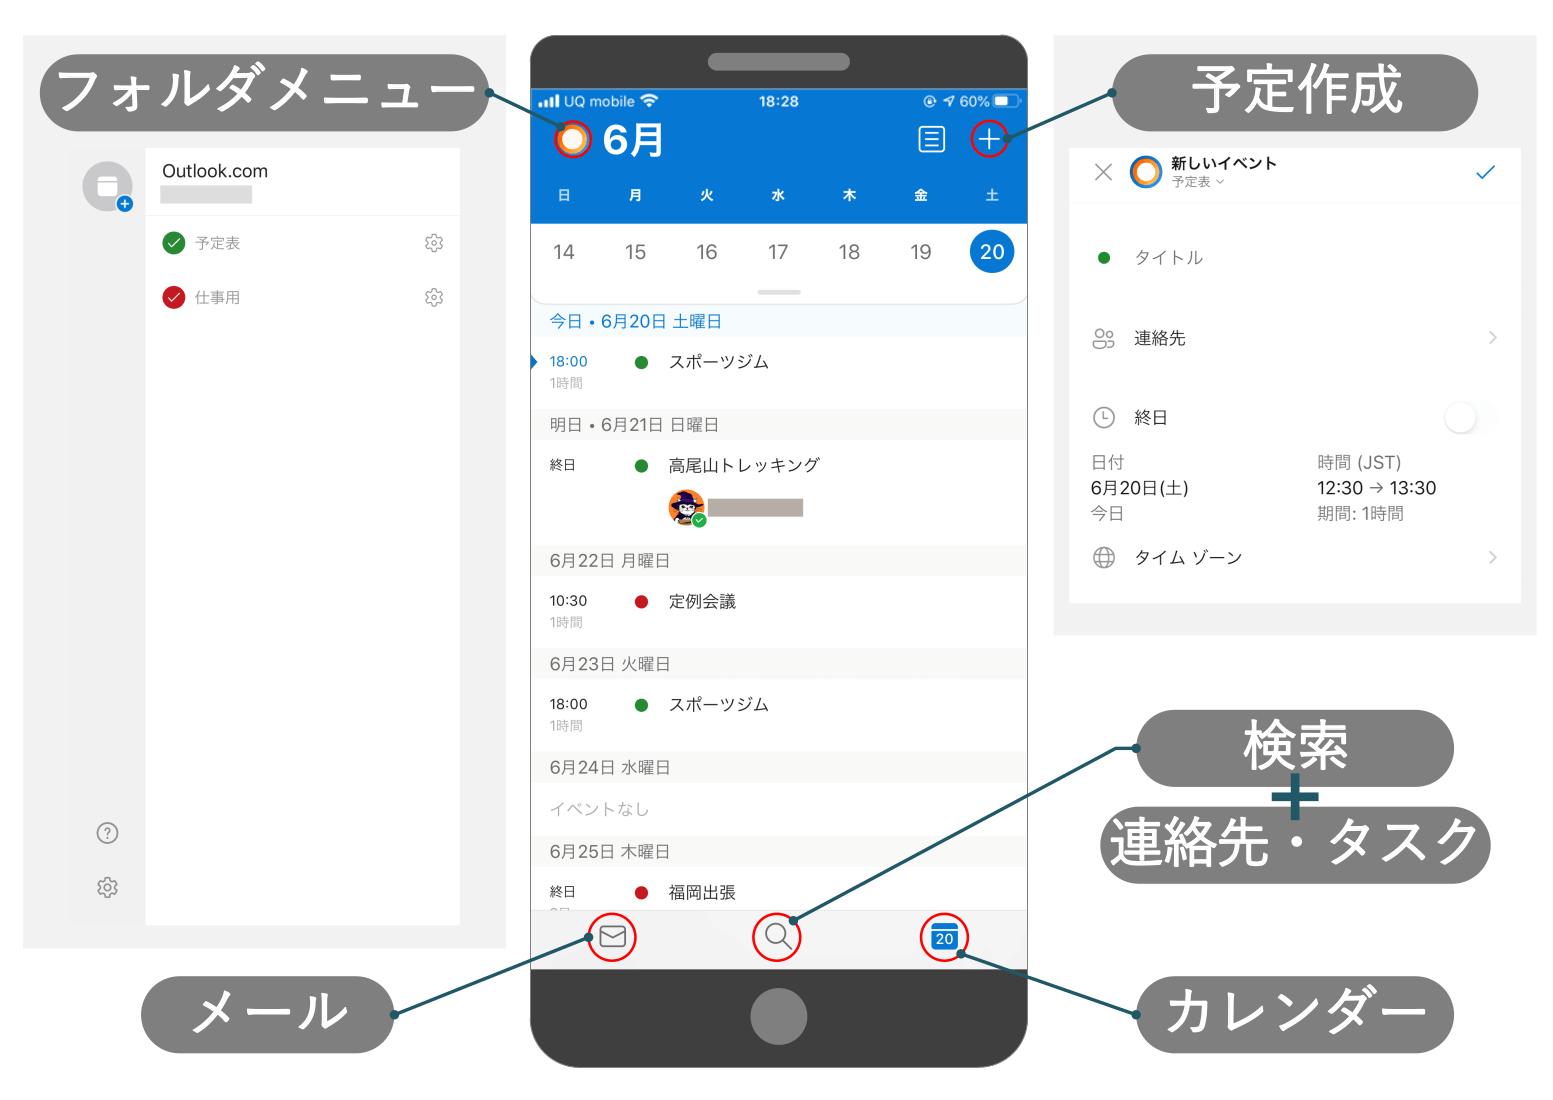 スマホ版Outlookアプリの基本操作(予定表編) - Outlookでいこう!